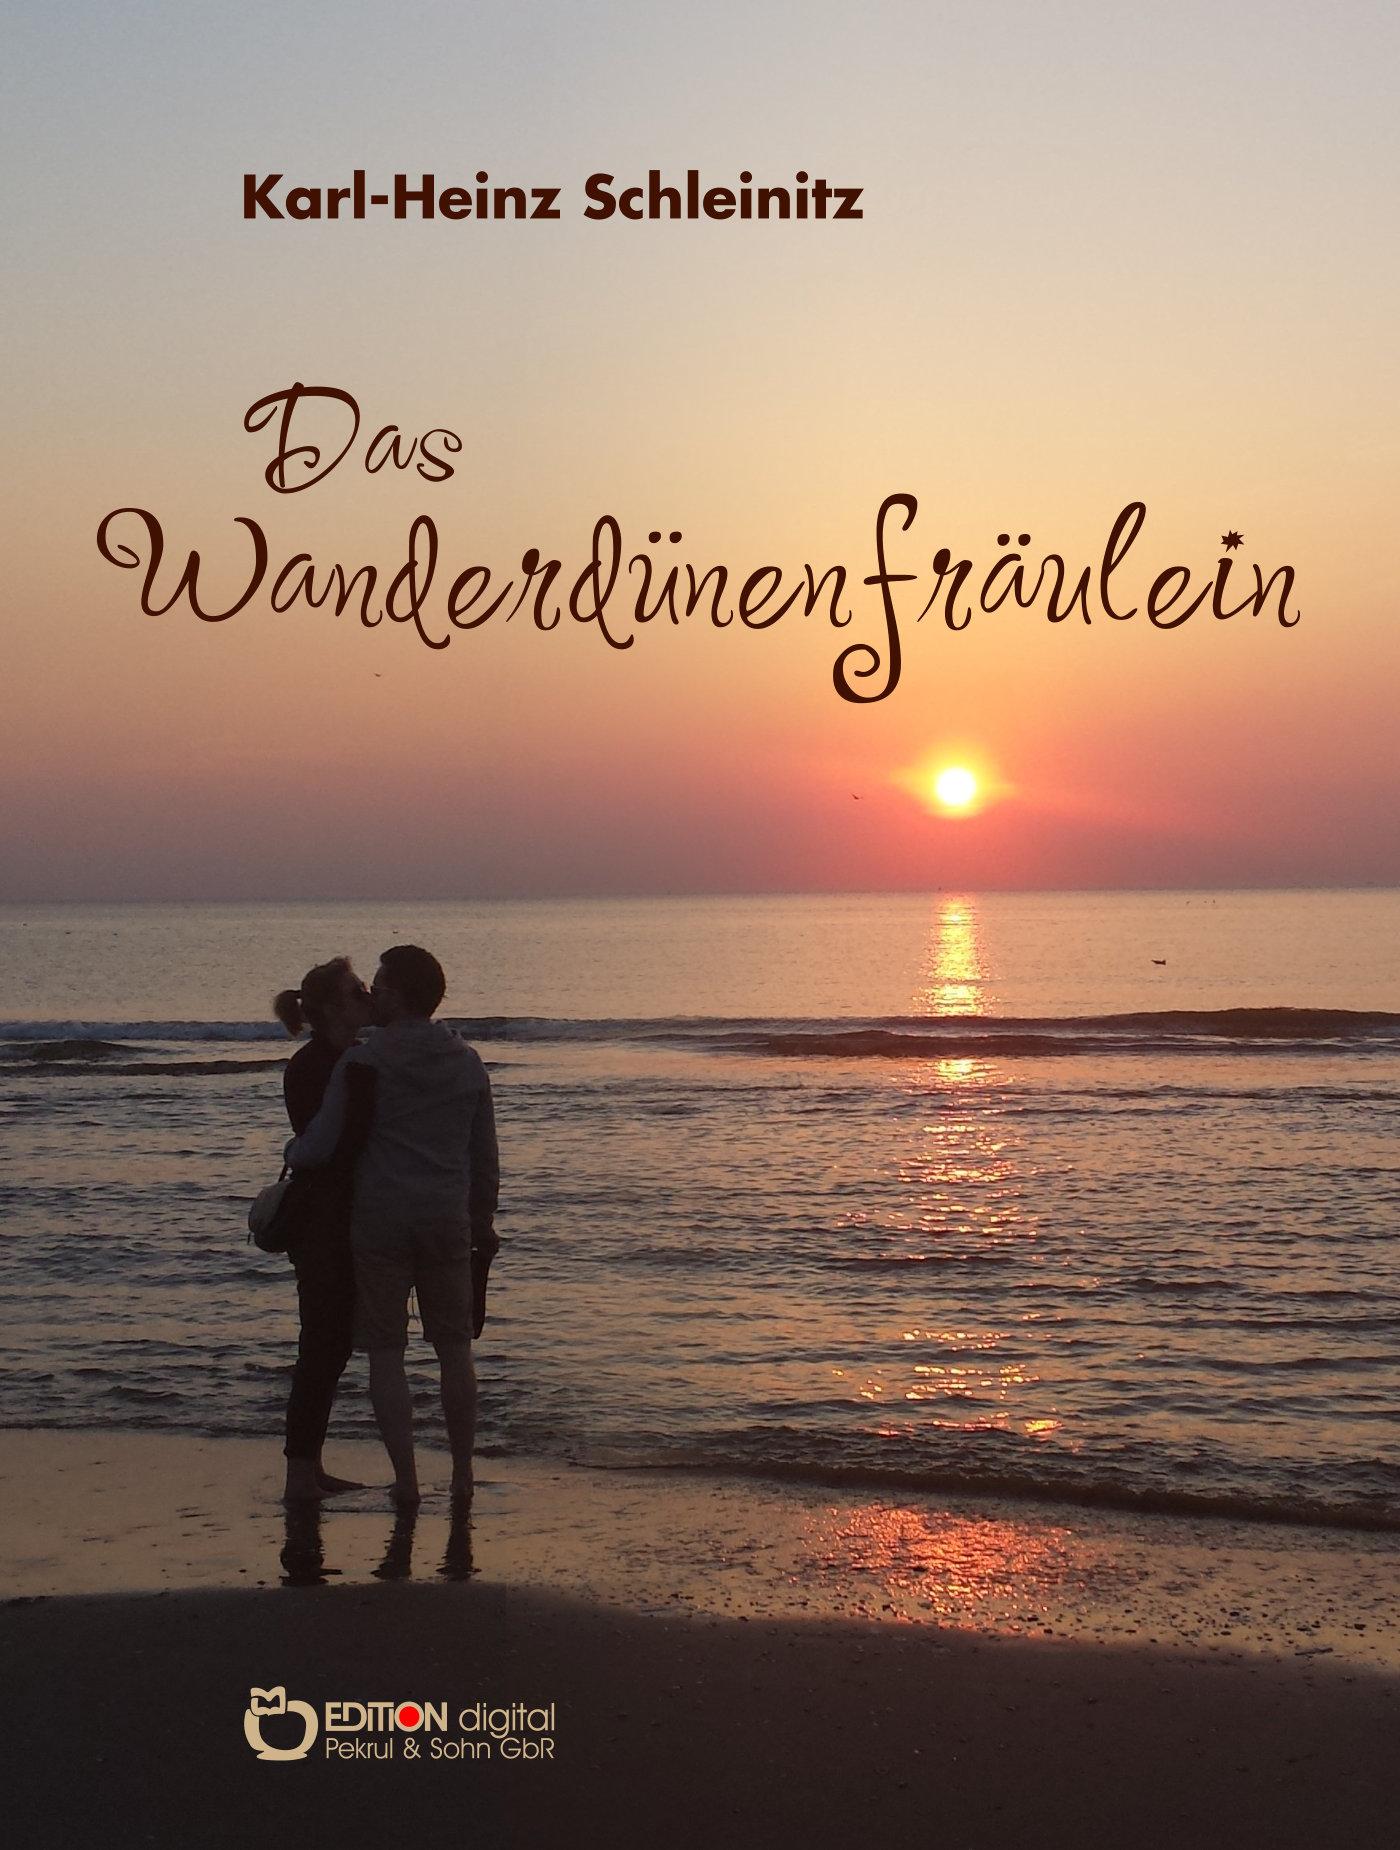 Das Wanderdünenfräulein. Erzählung von Karl-Heinz Schleinitz